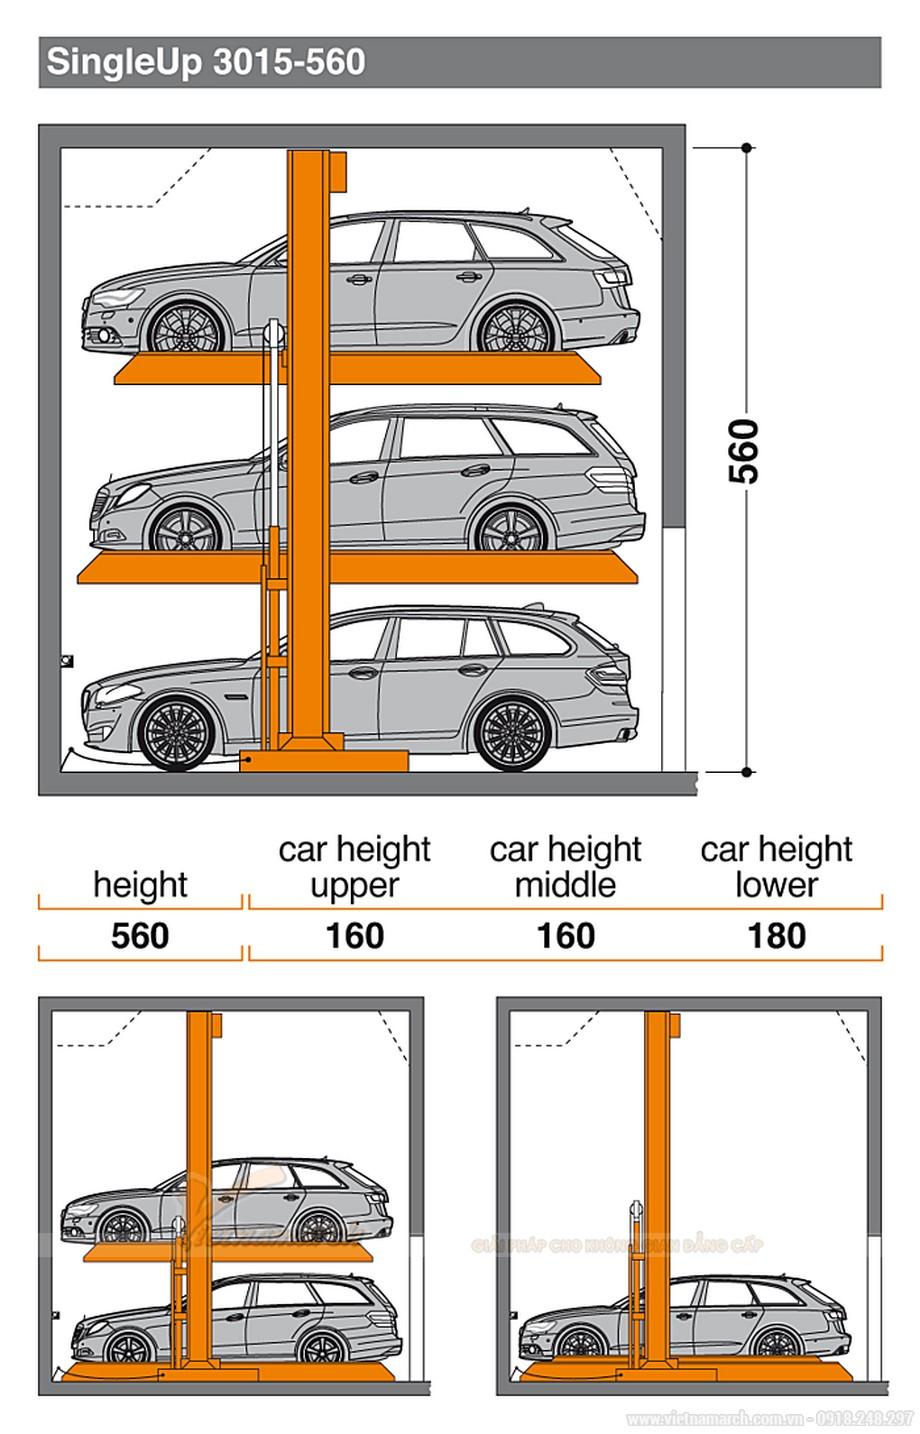 Hệ thống bãi đậu xe singleup 3015-560